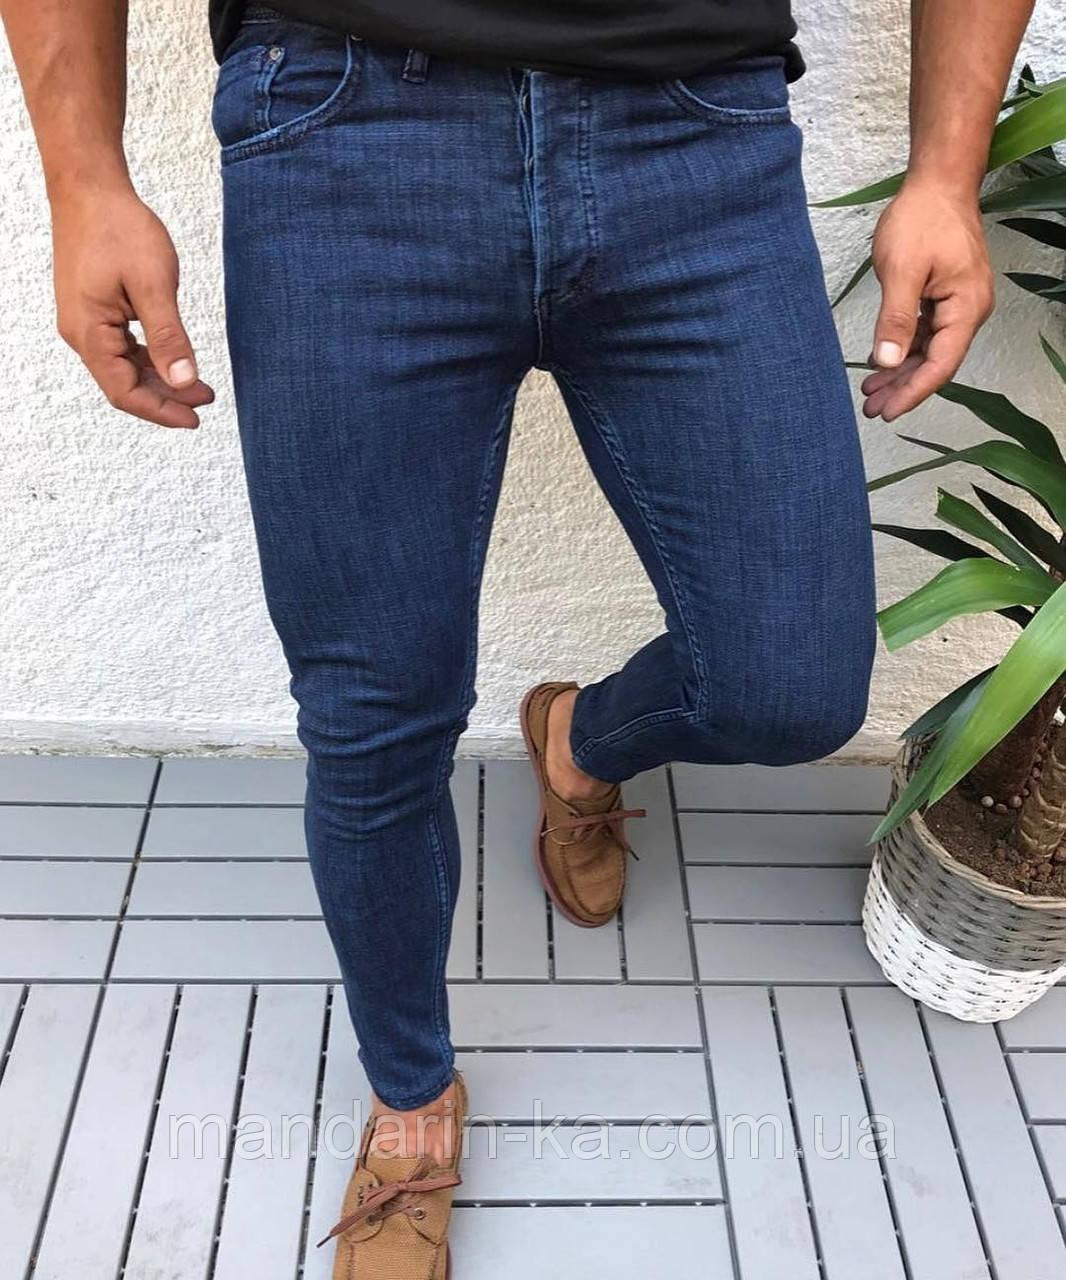 Джинсы мужские синие брендовые